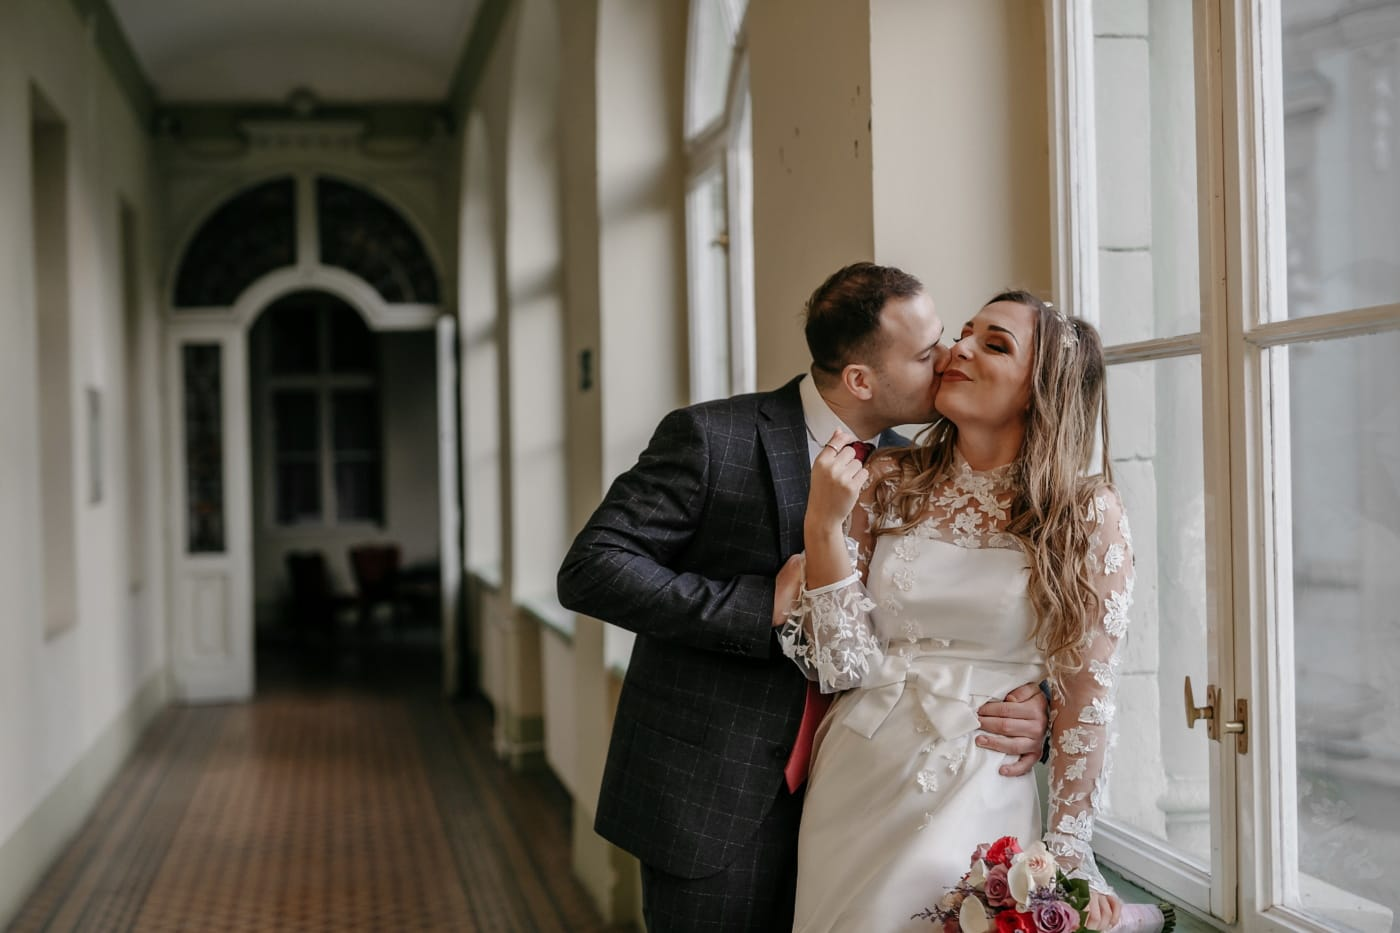 Pocałunek, właśnie żonaty, para, ślub, panna młoda, pan młody, sukienka, mężczyzna, miłość, małżeństwo